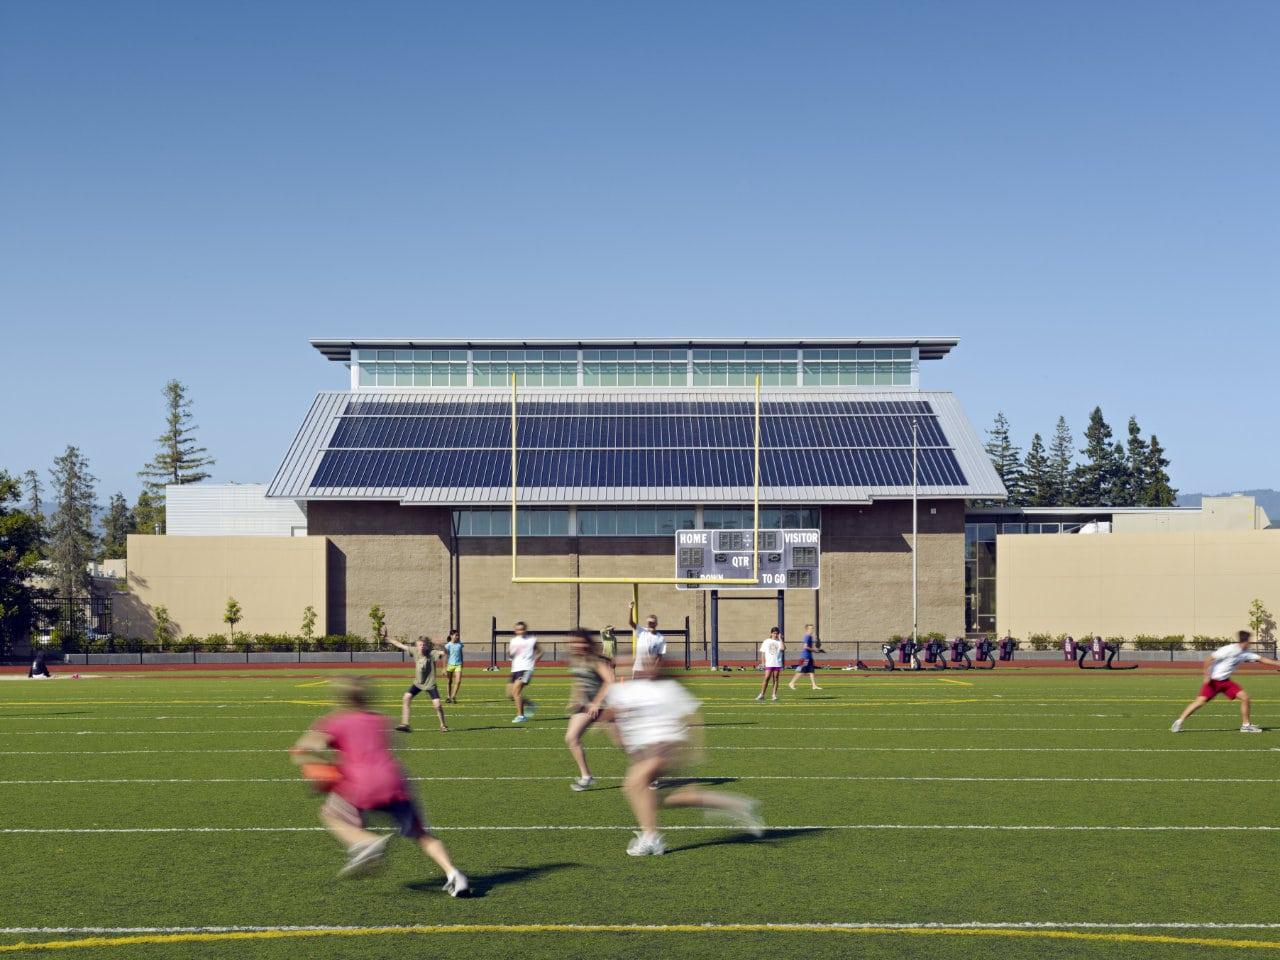 Sequoia High School Gymnasium & Campus Entrance